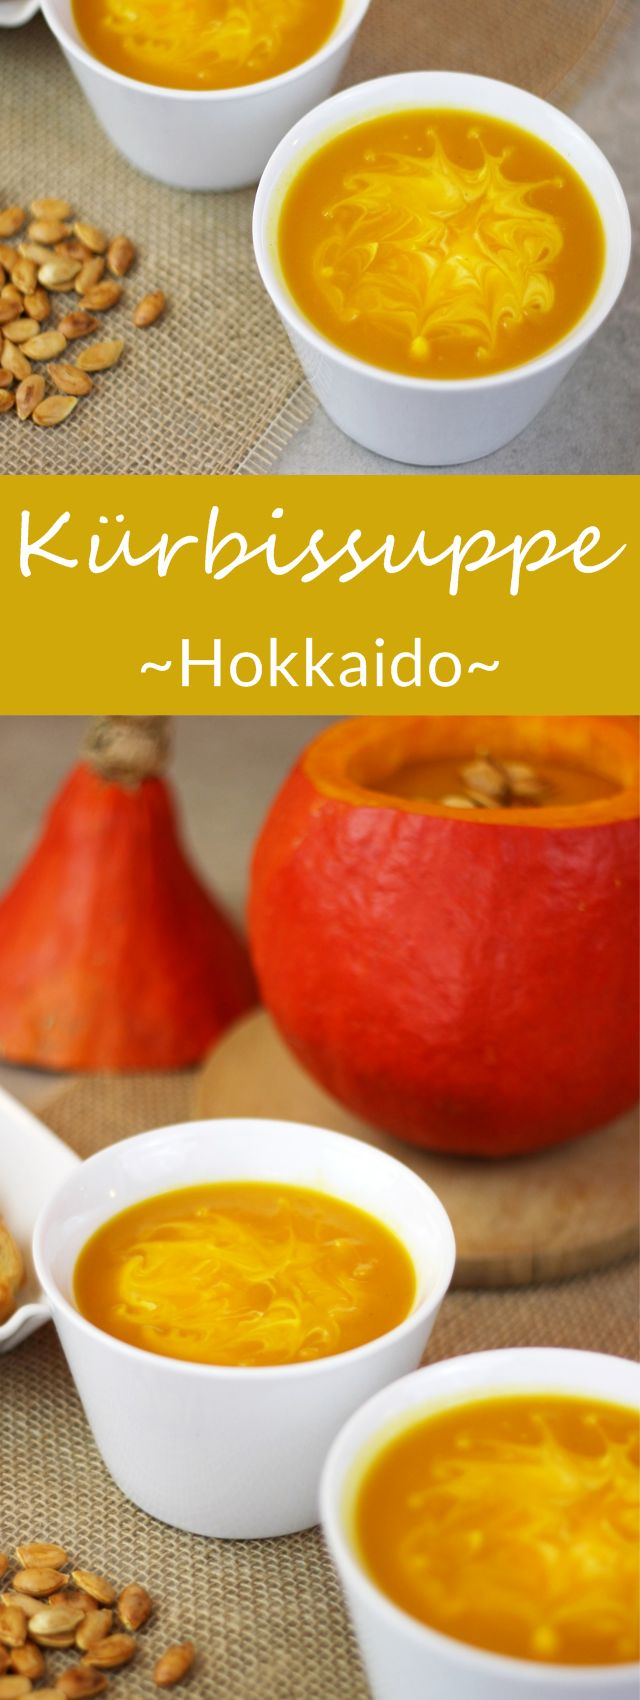 Kürbissuppe aus Hokkaido, Kartoffeln und einem Apfel - Leckeres Herbstgericht. #kürbis #herbstrezept #rezept